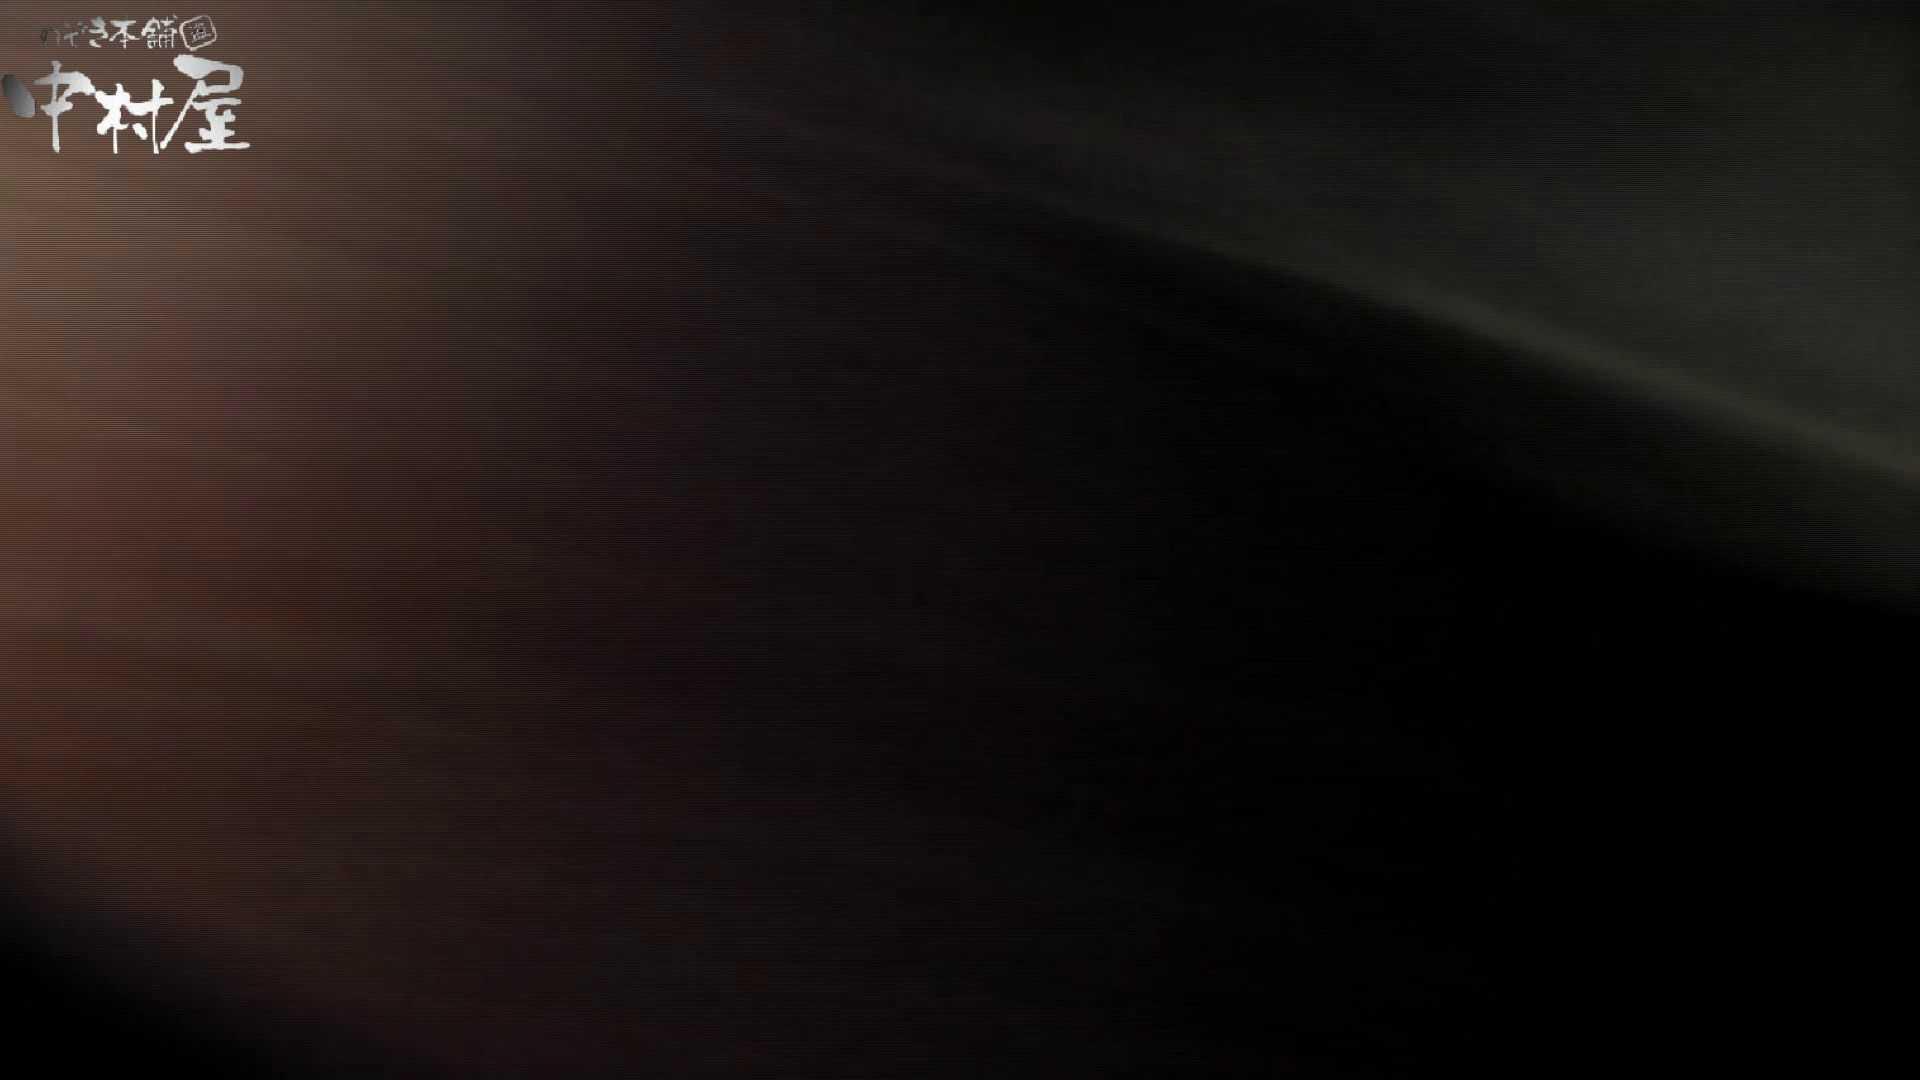 世界の射窓から~vol47 珍しい、毛からしたってくる聖水 おまんこ大好き | 盗撮動画  10枚 1